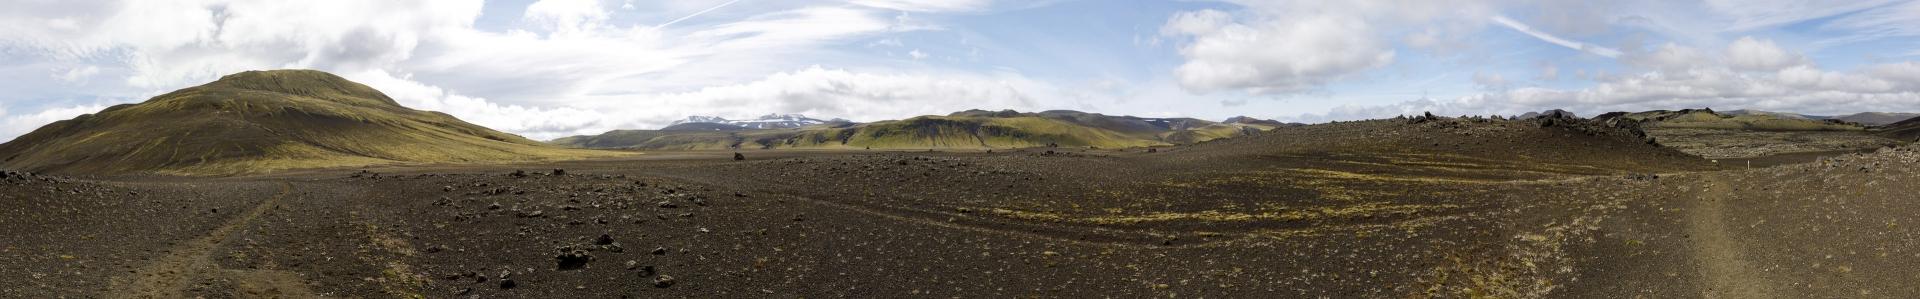 Panorama 180°: wir kommen von links und gehen rechts in Richtung des Lavafeldes Lambafitjarhraun